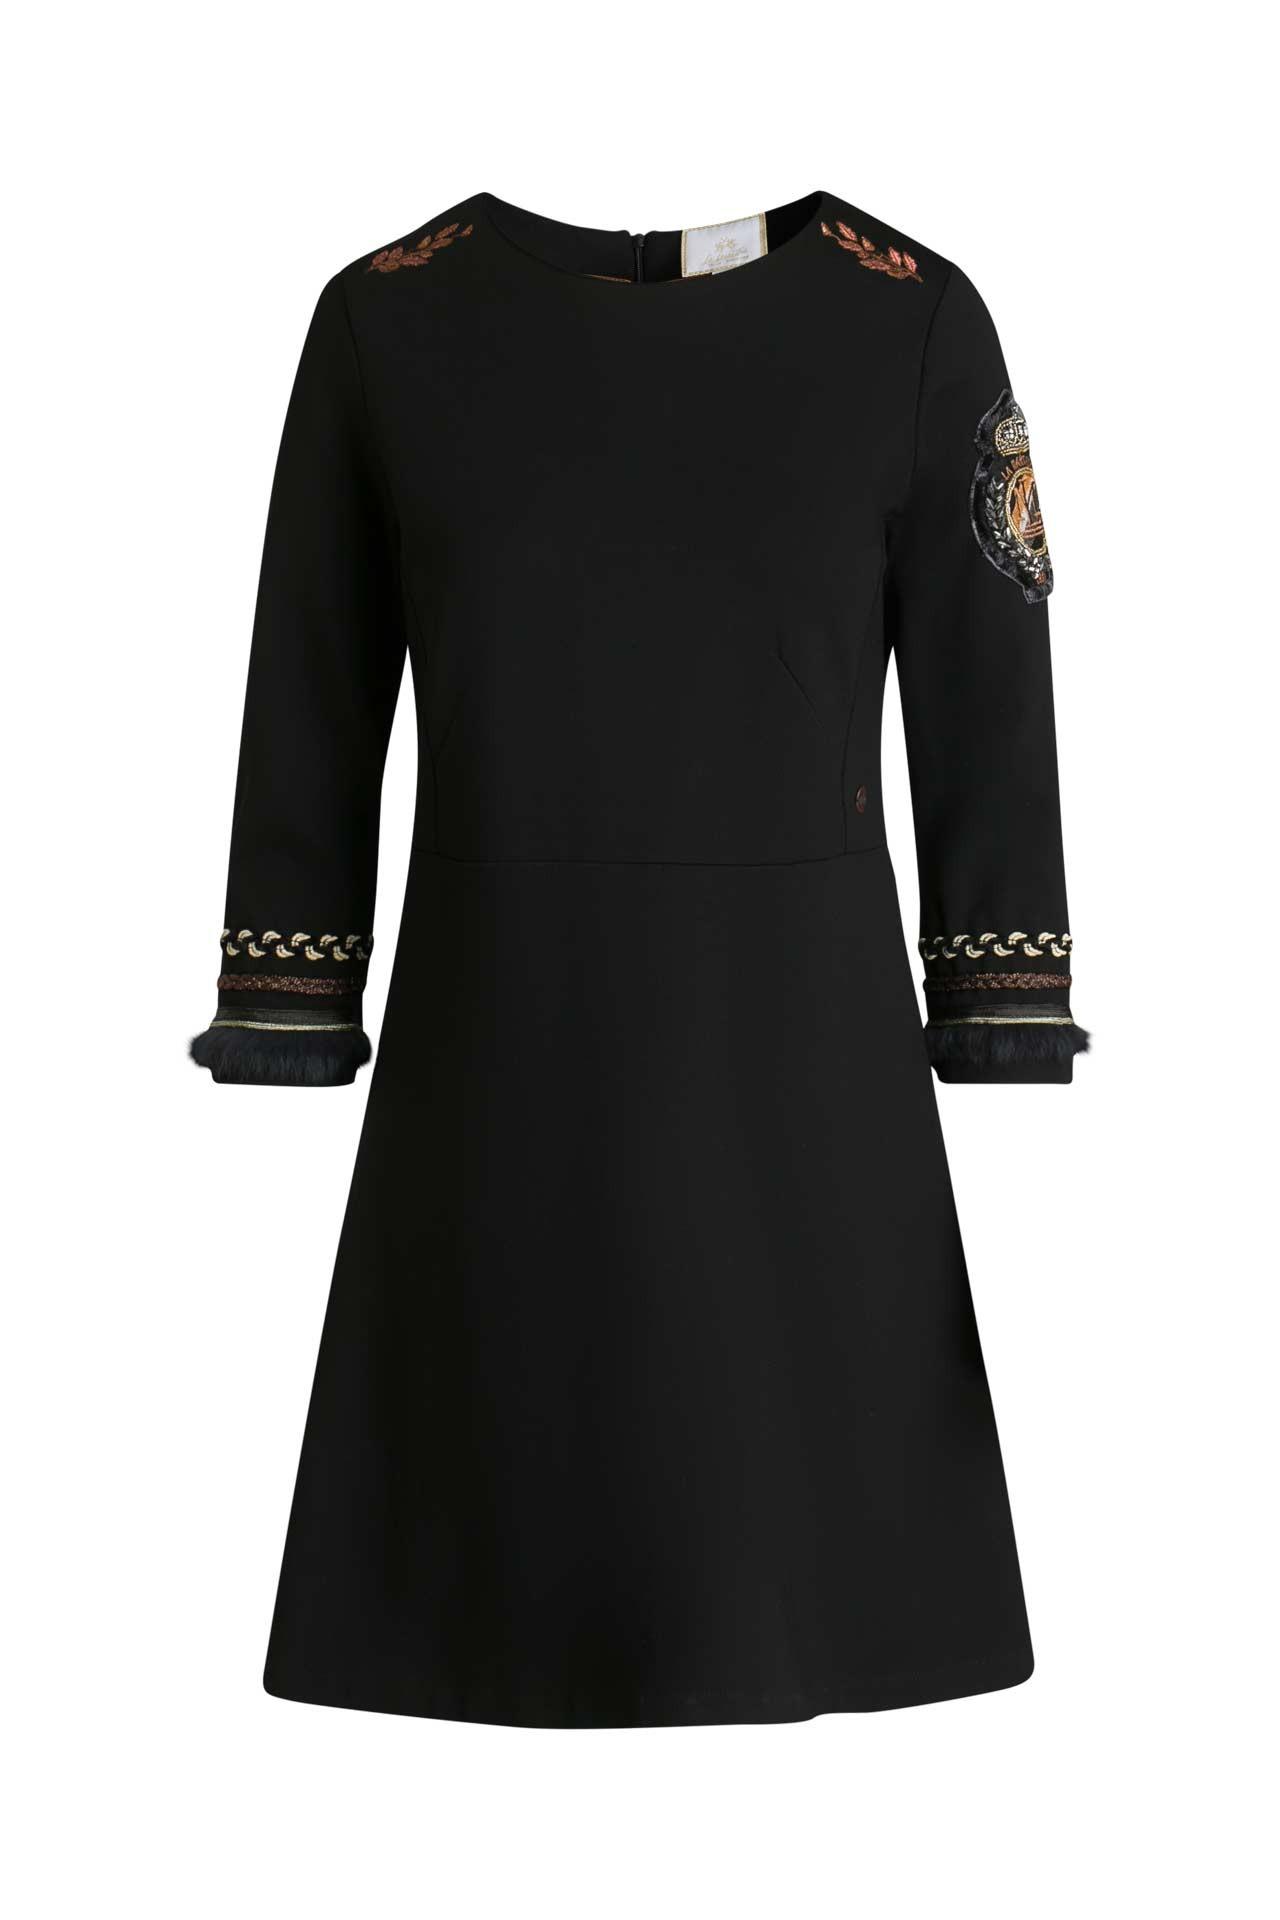 Jerseykleid Schwarz  La Martina » Günstig Online Kaufen